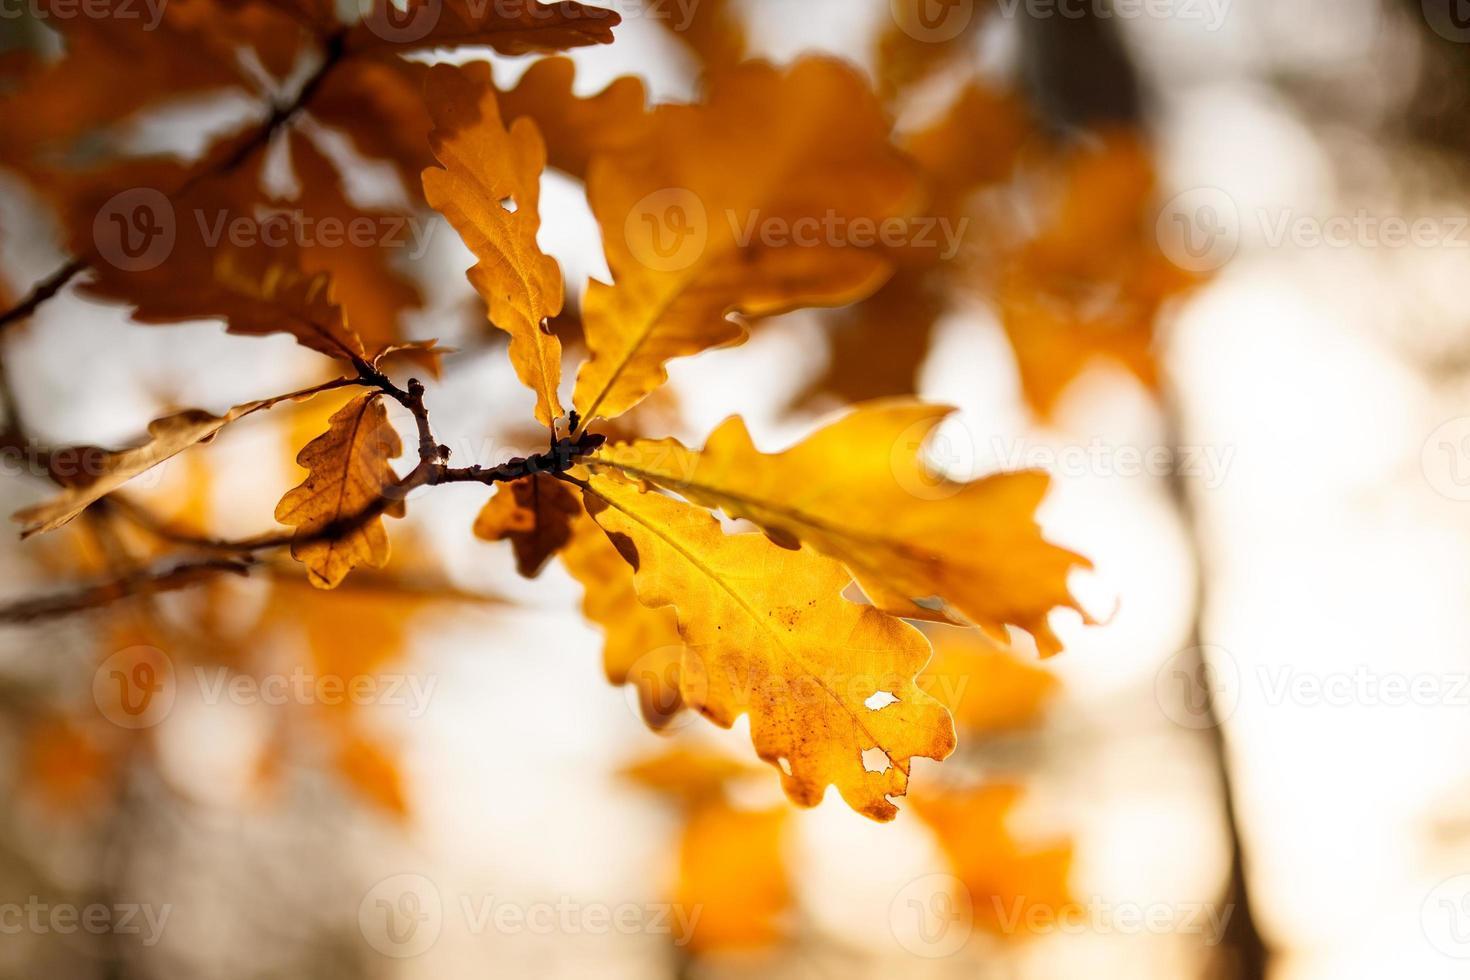 foglie colorate d'autunnali foto